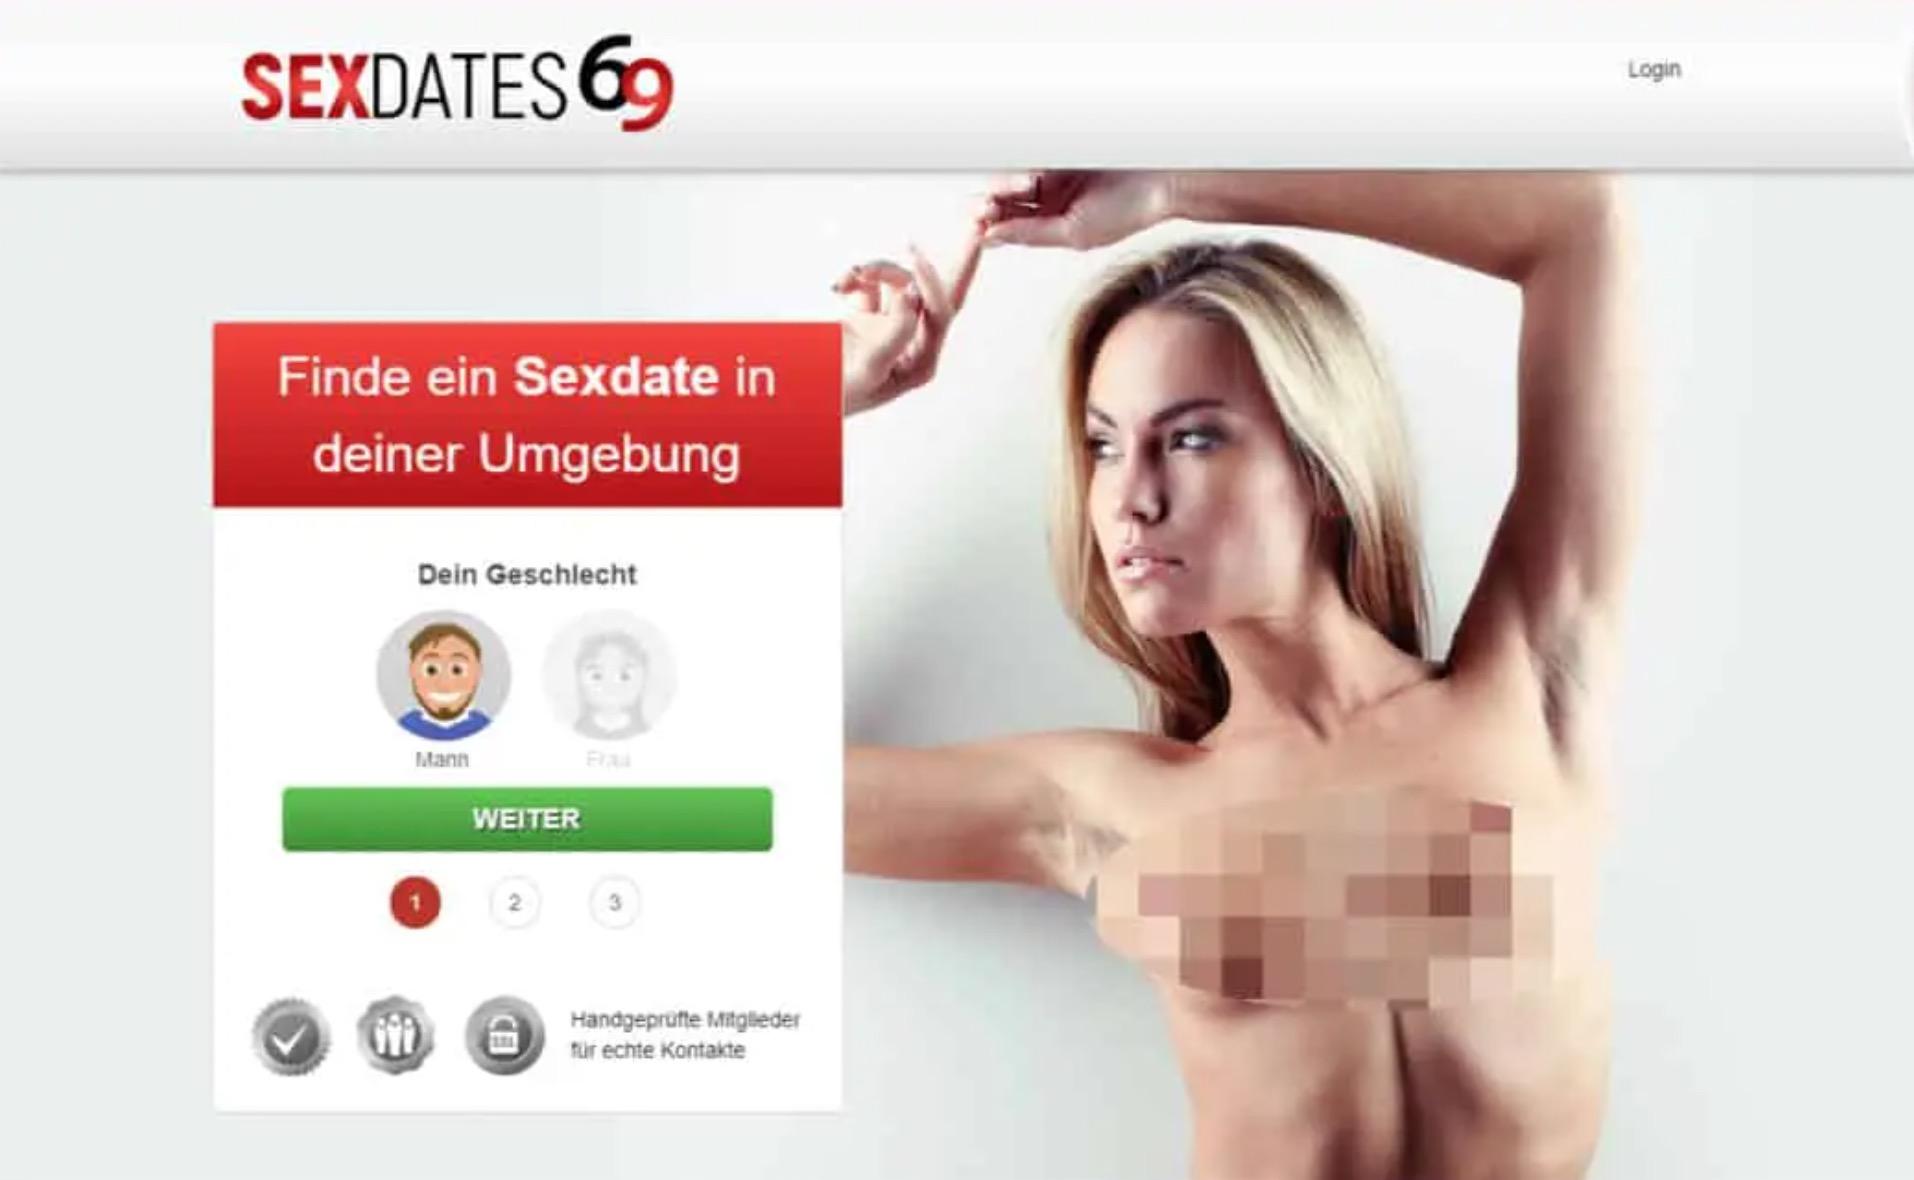 Sexdates69 main page